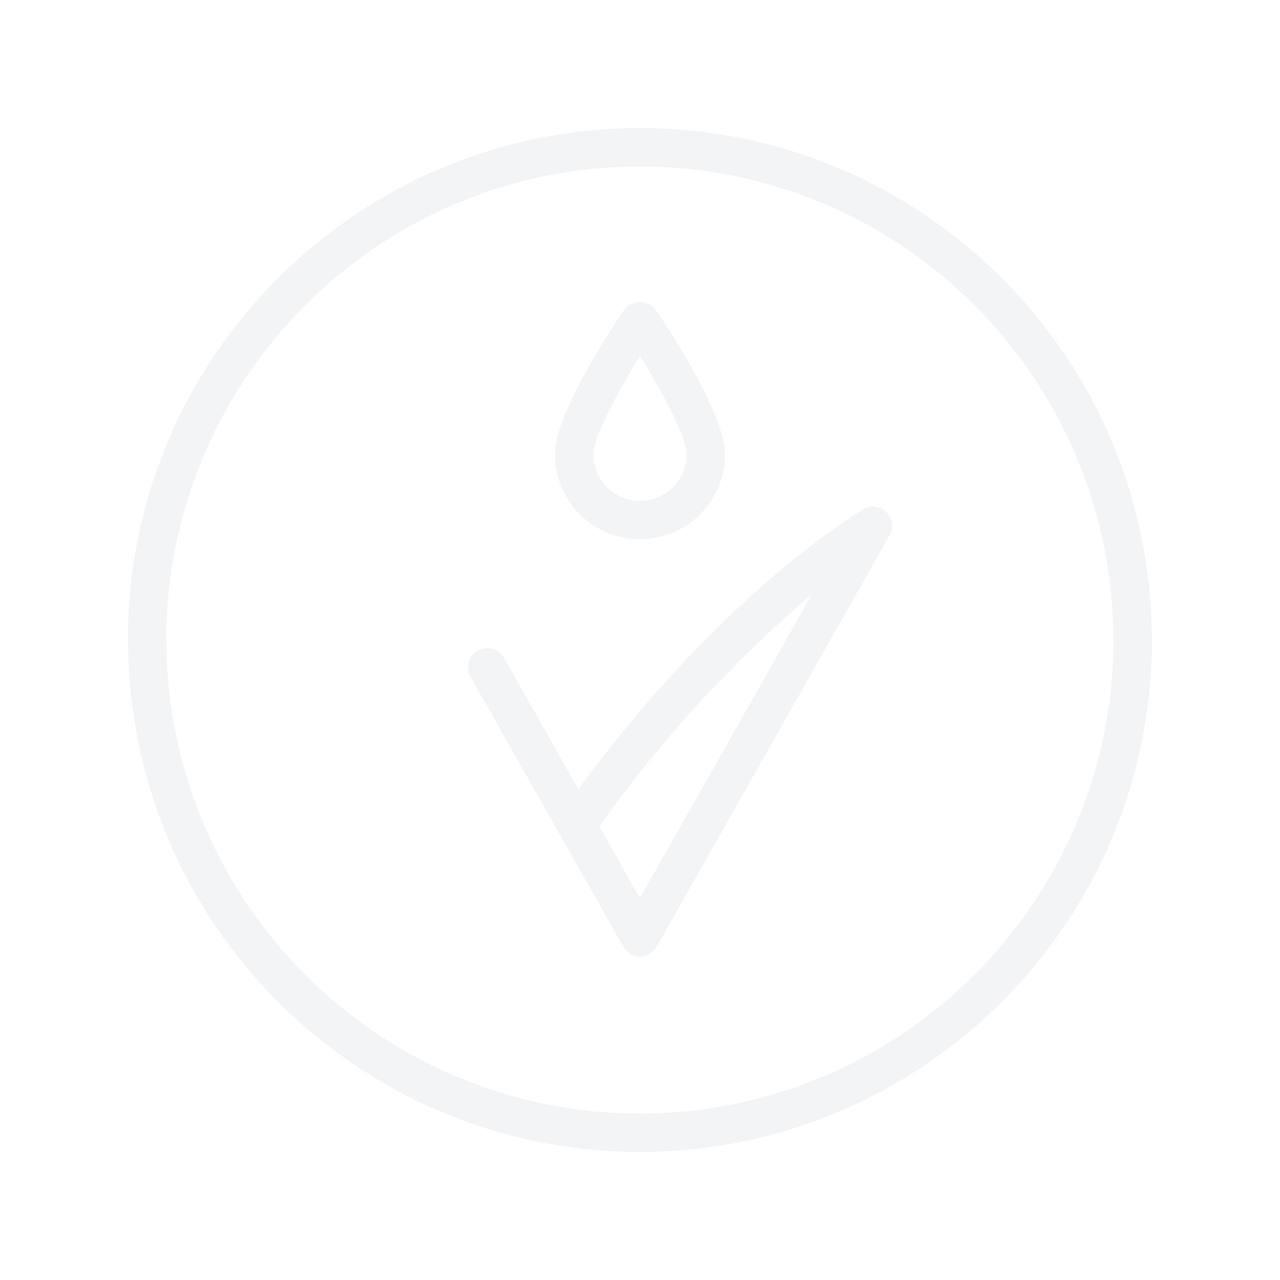 MAX FACTOR Brow Shaper карандаш для бровей с щеточкой 1g